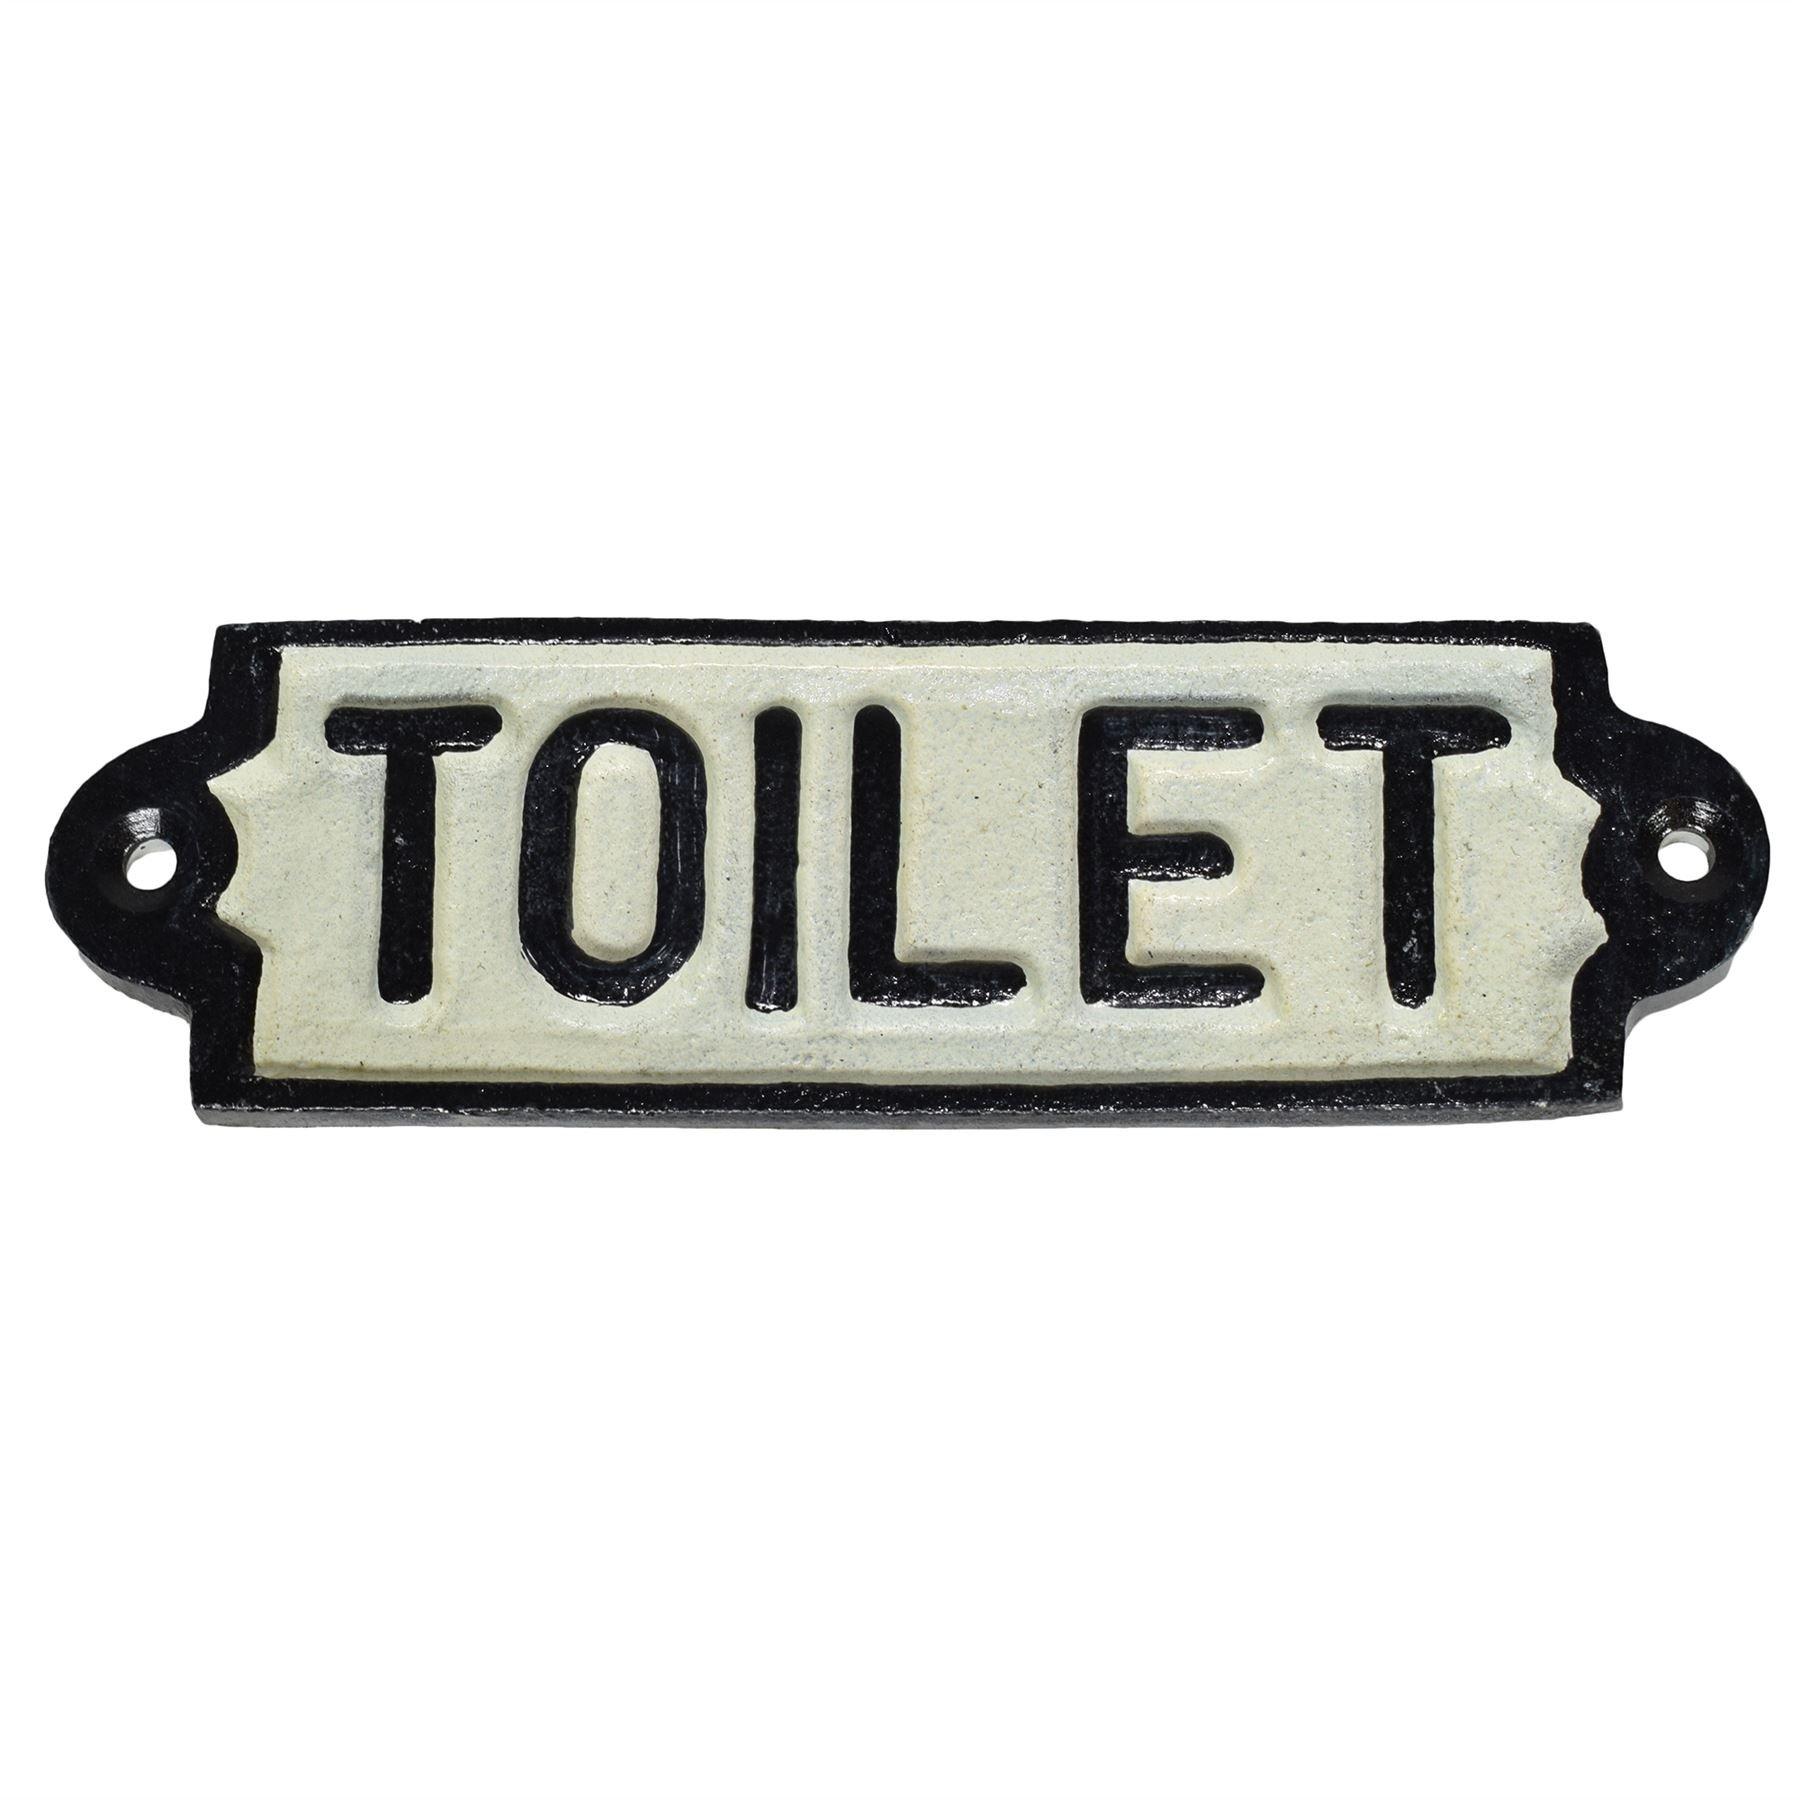 AB Tools Toilet Loo Cast Iron Sign Plaque Door Wall Fence Post Cafe Shop Pub Hotel Bar